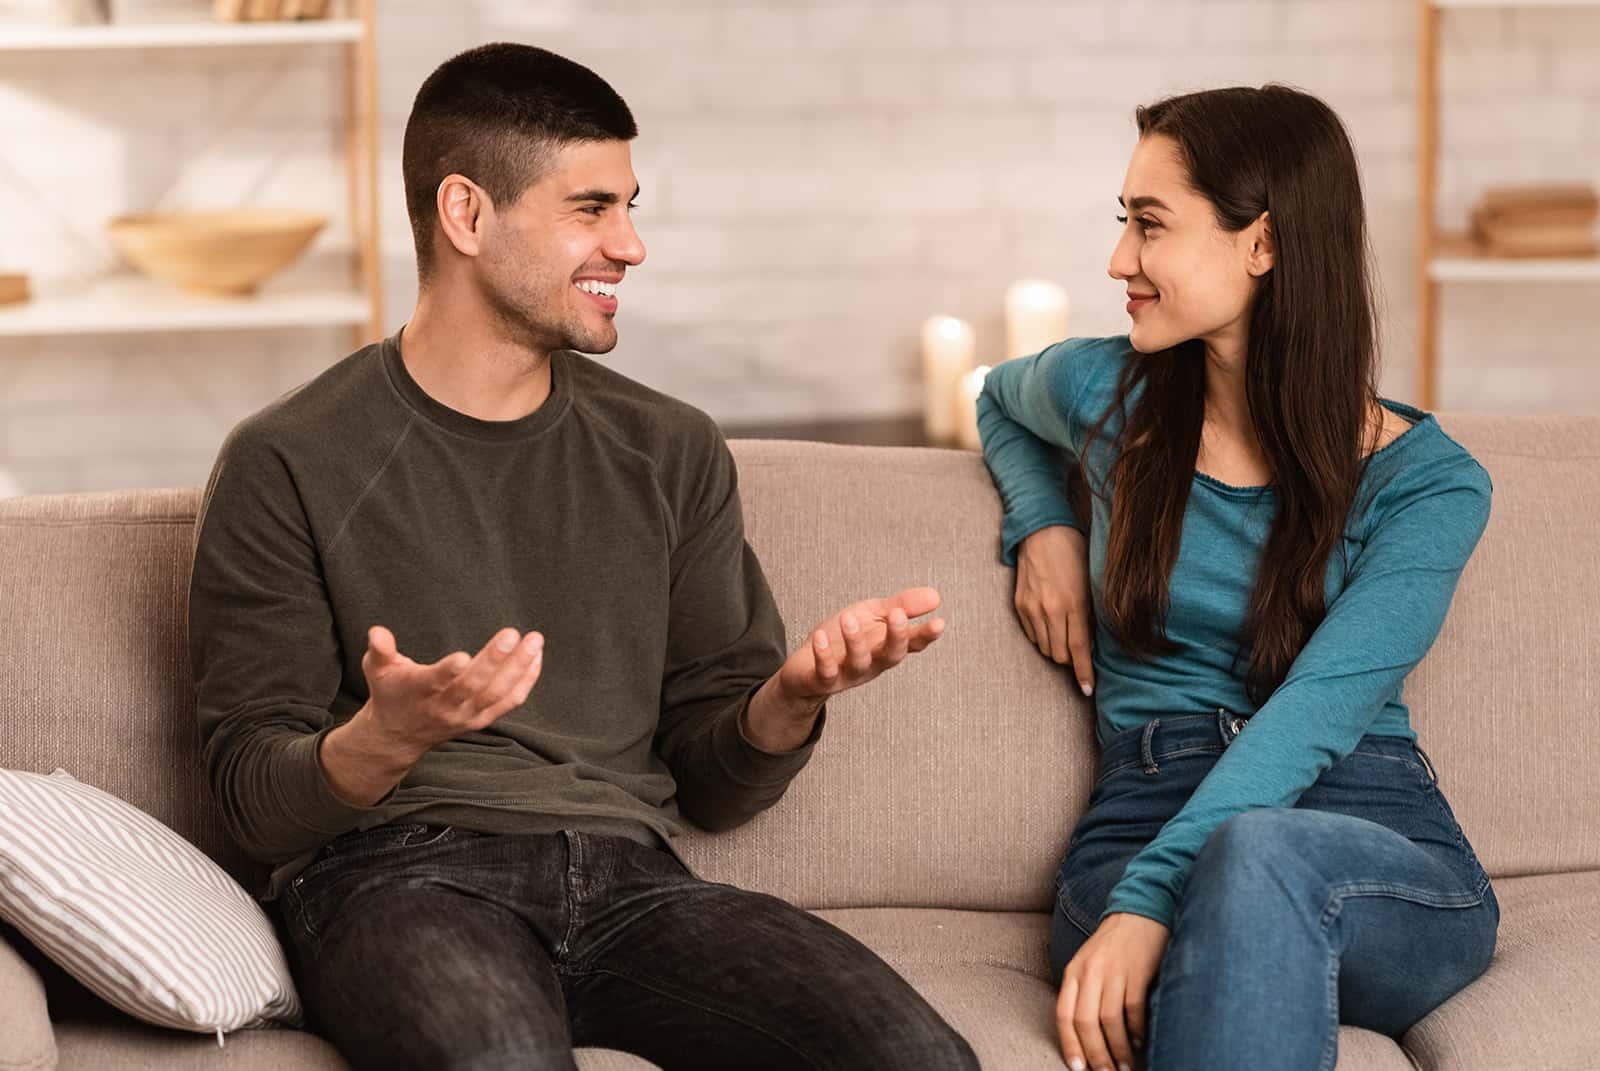 Ein Mann und eine Frau unterhalten sich nett auf der Couch in einer Wohnung sitzen